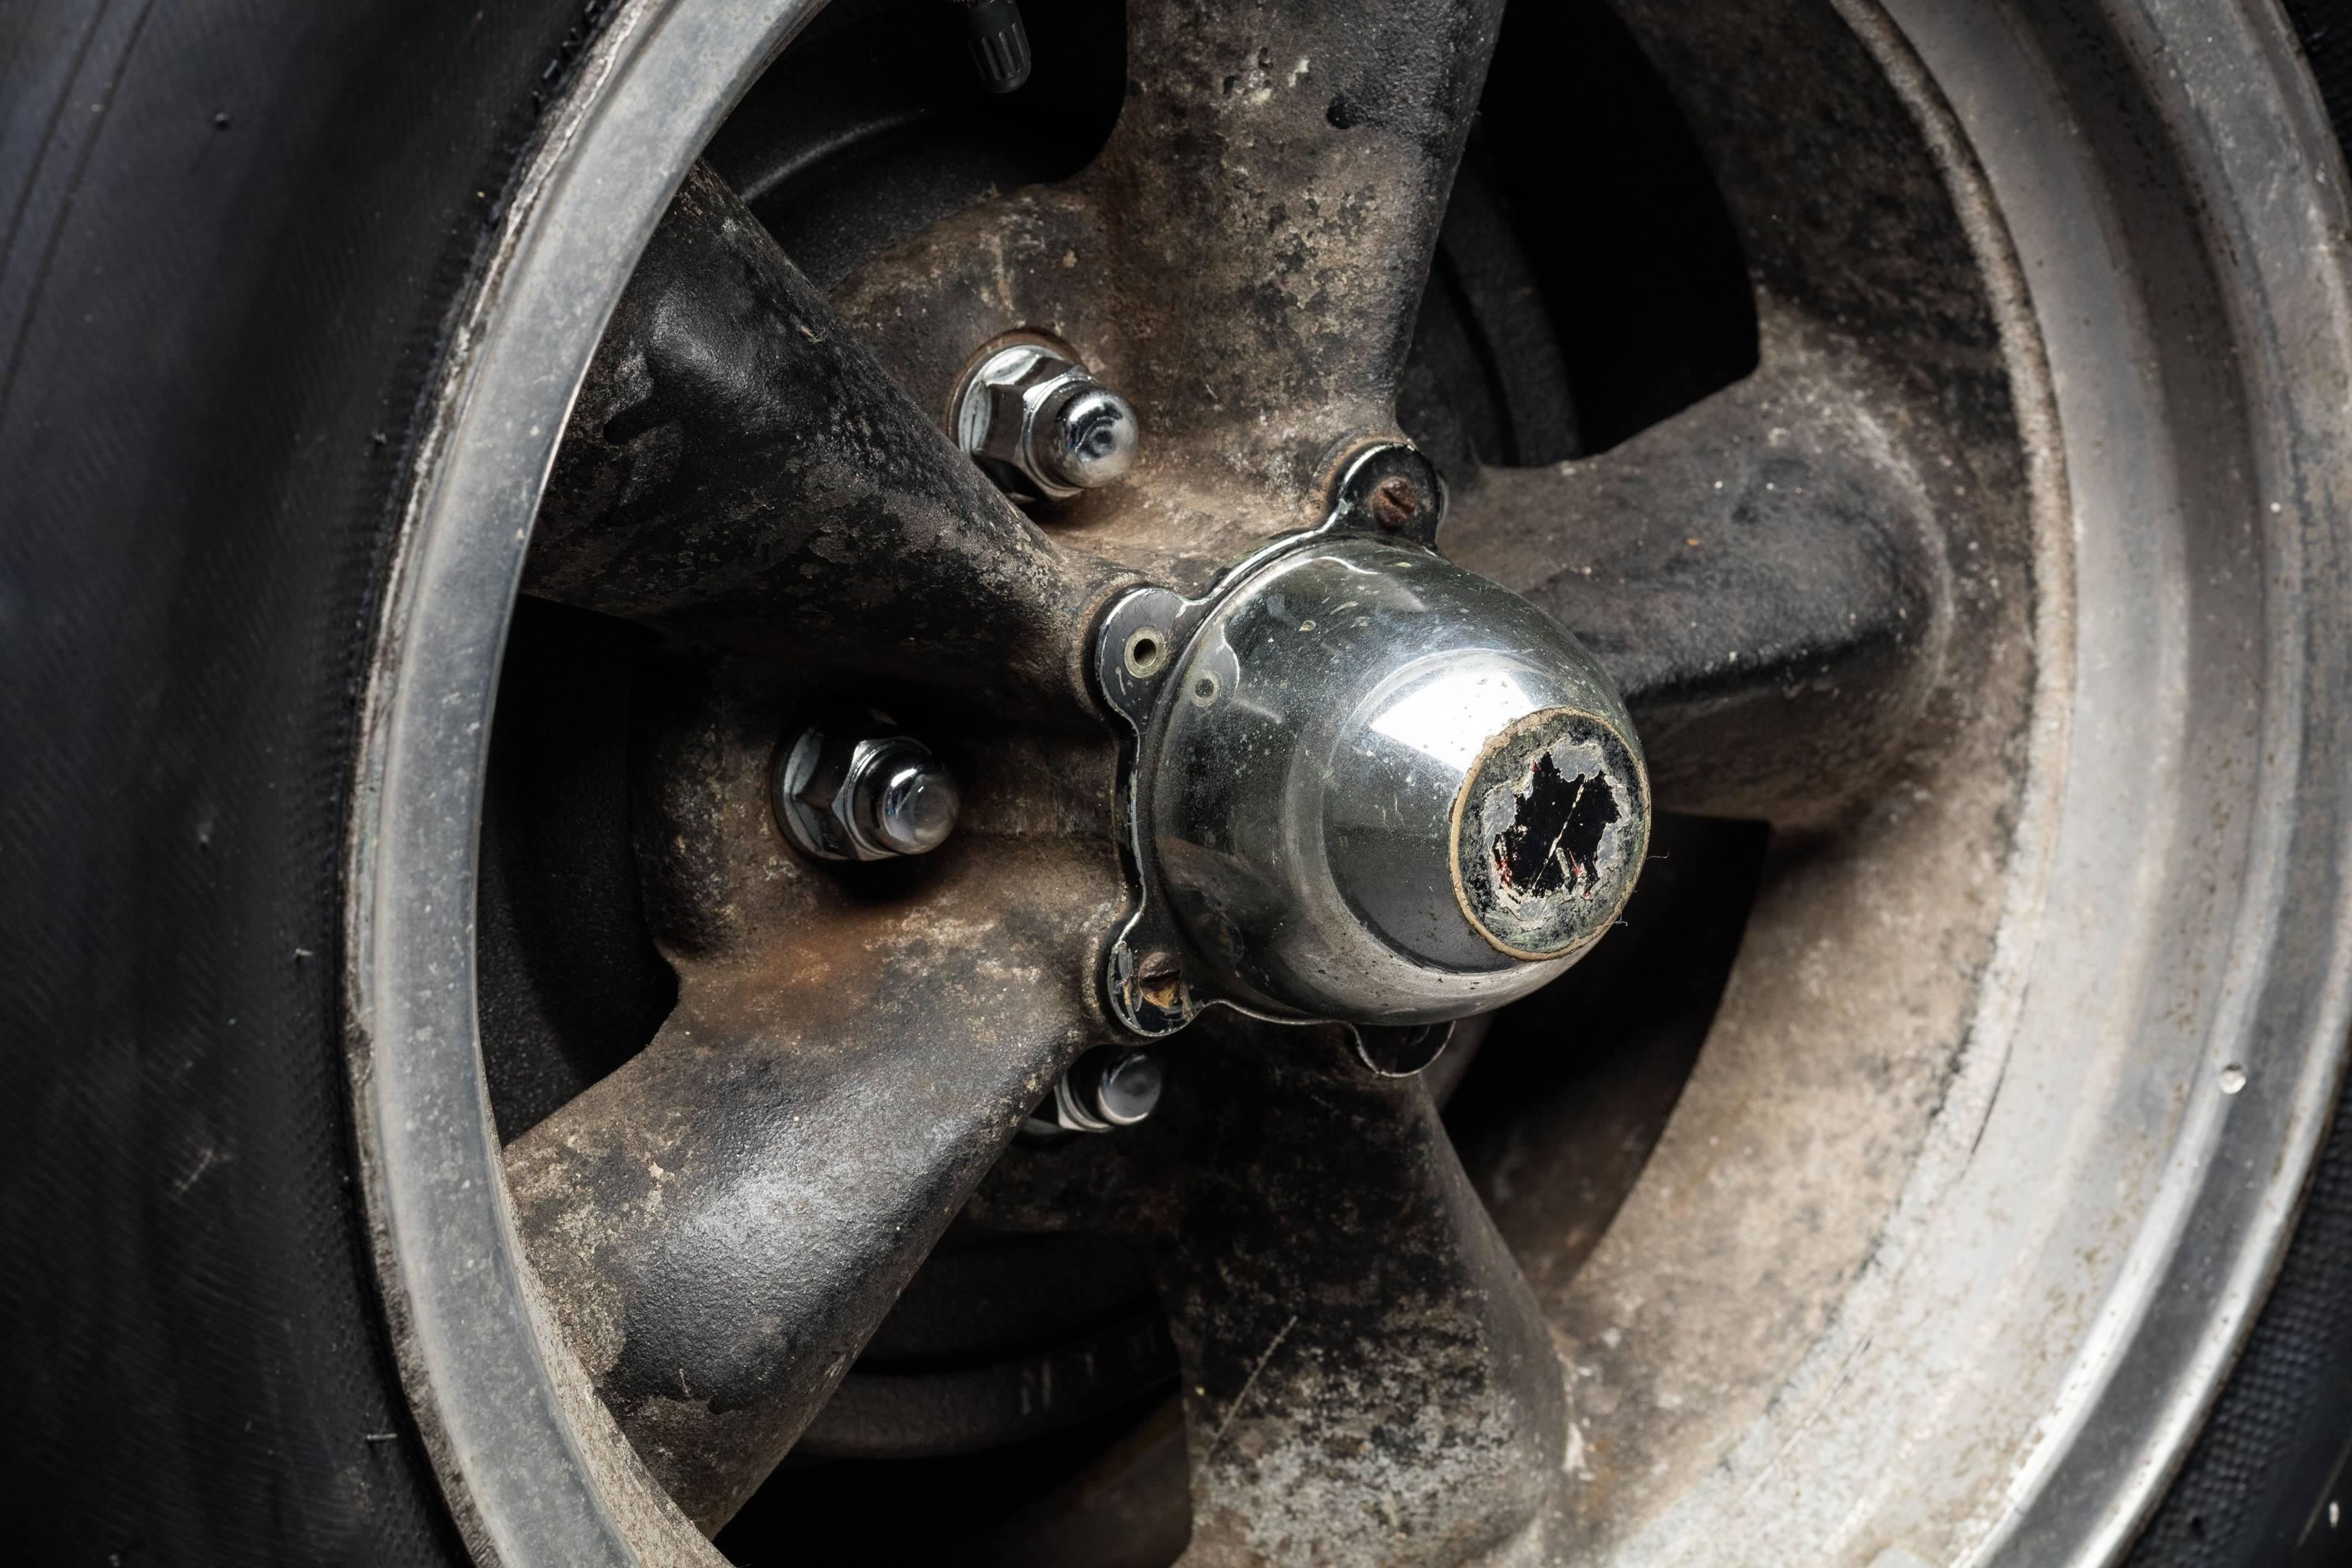 Bullitt Mustang wheel detail